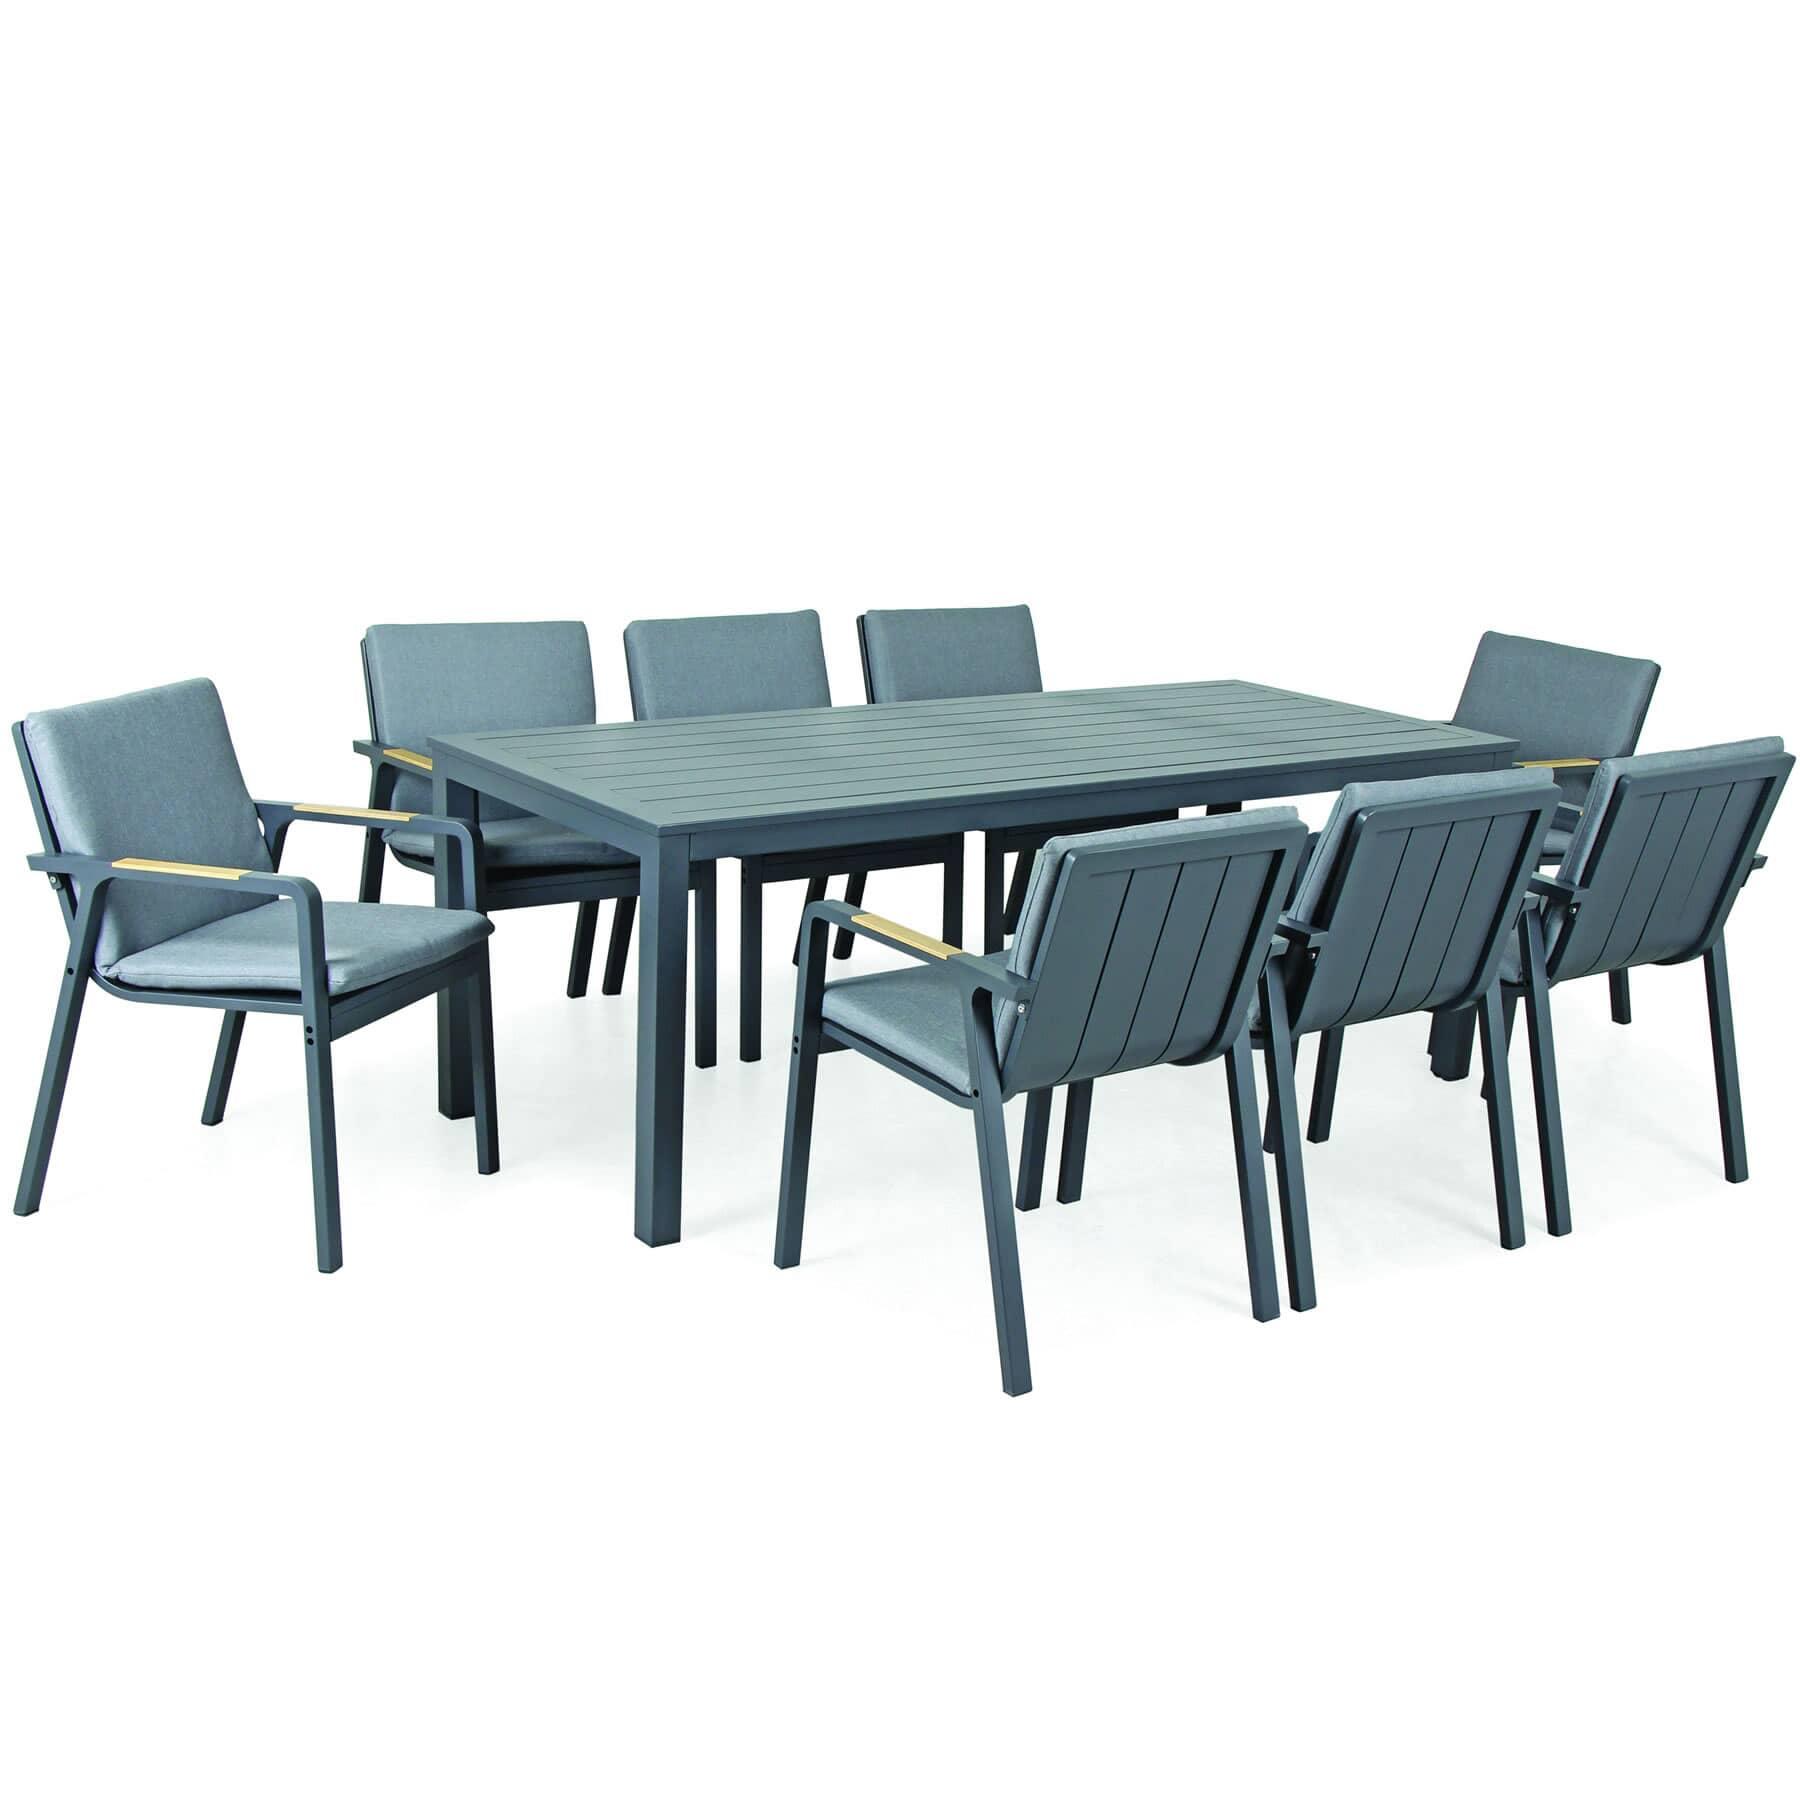 Kettler Paros 8 Seater Dining Set 0392107 0200c